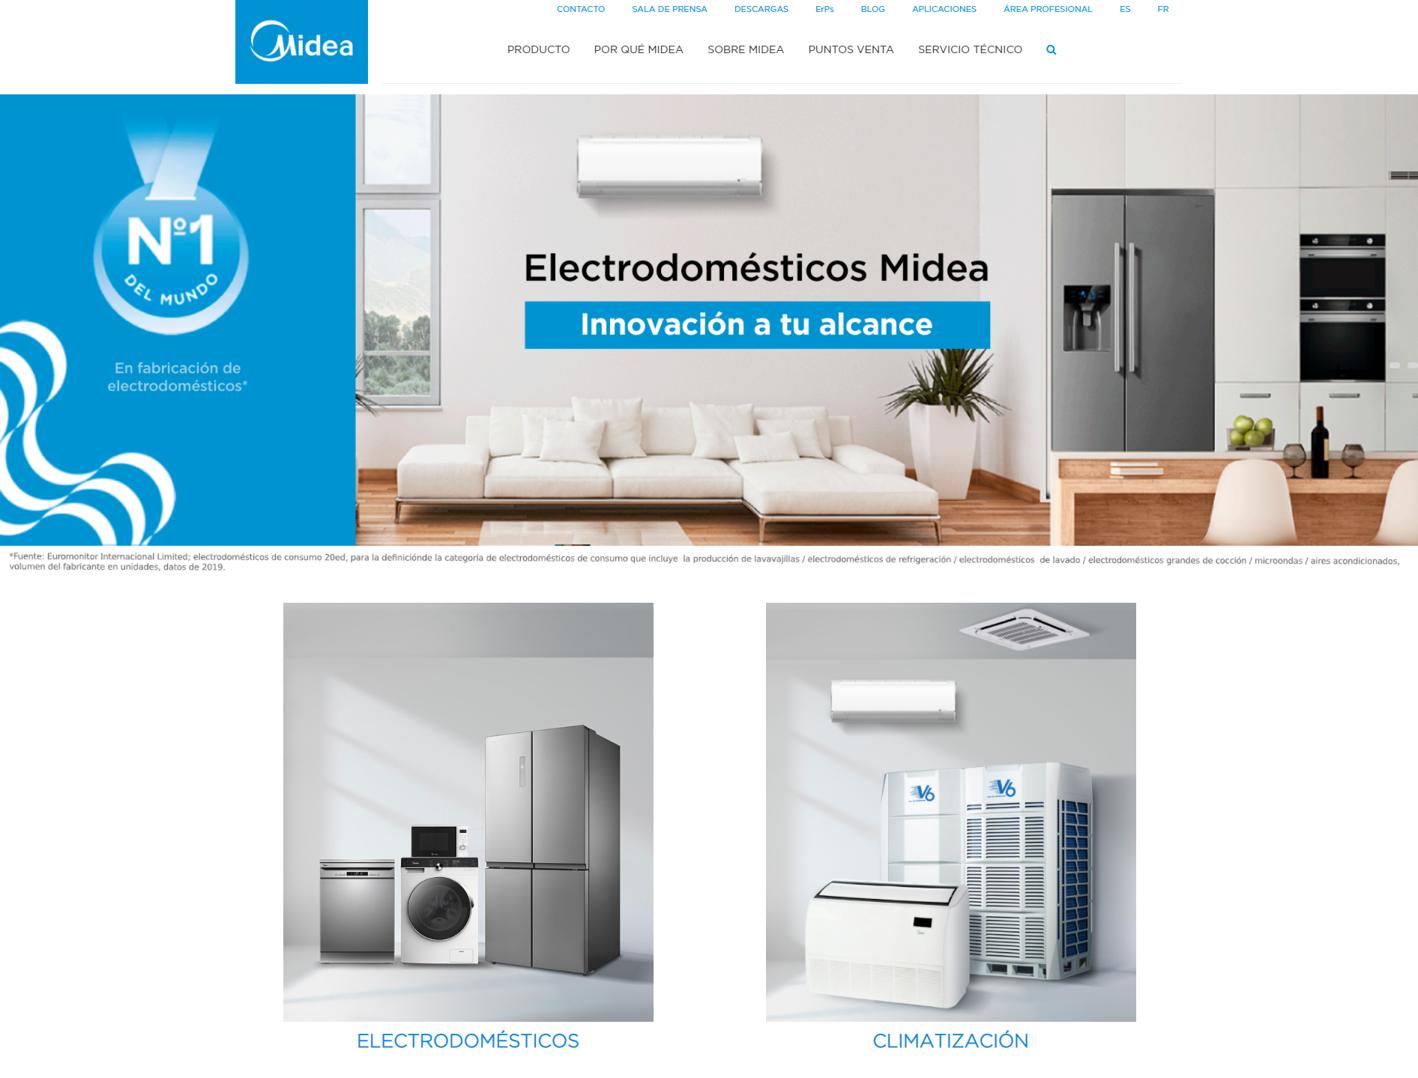 Midea electrodomésticos presenta su nueva web